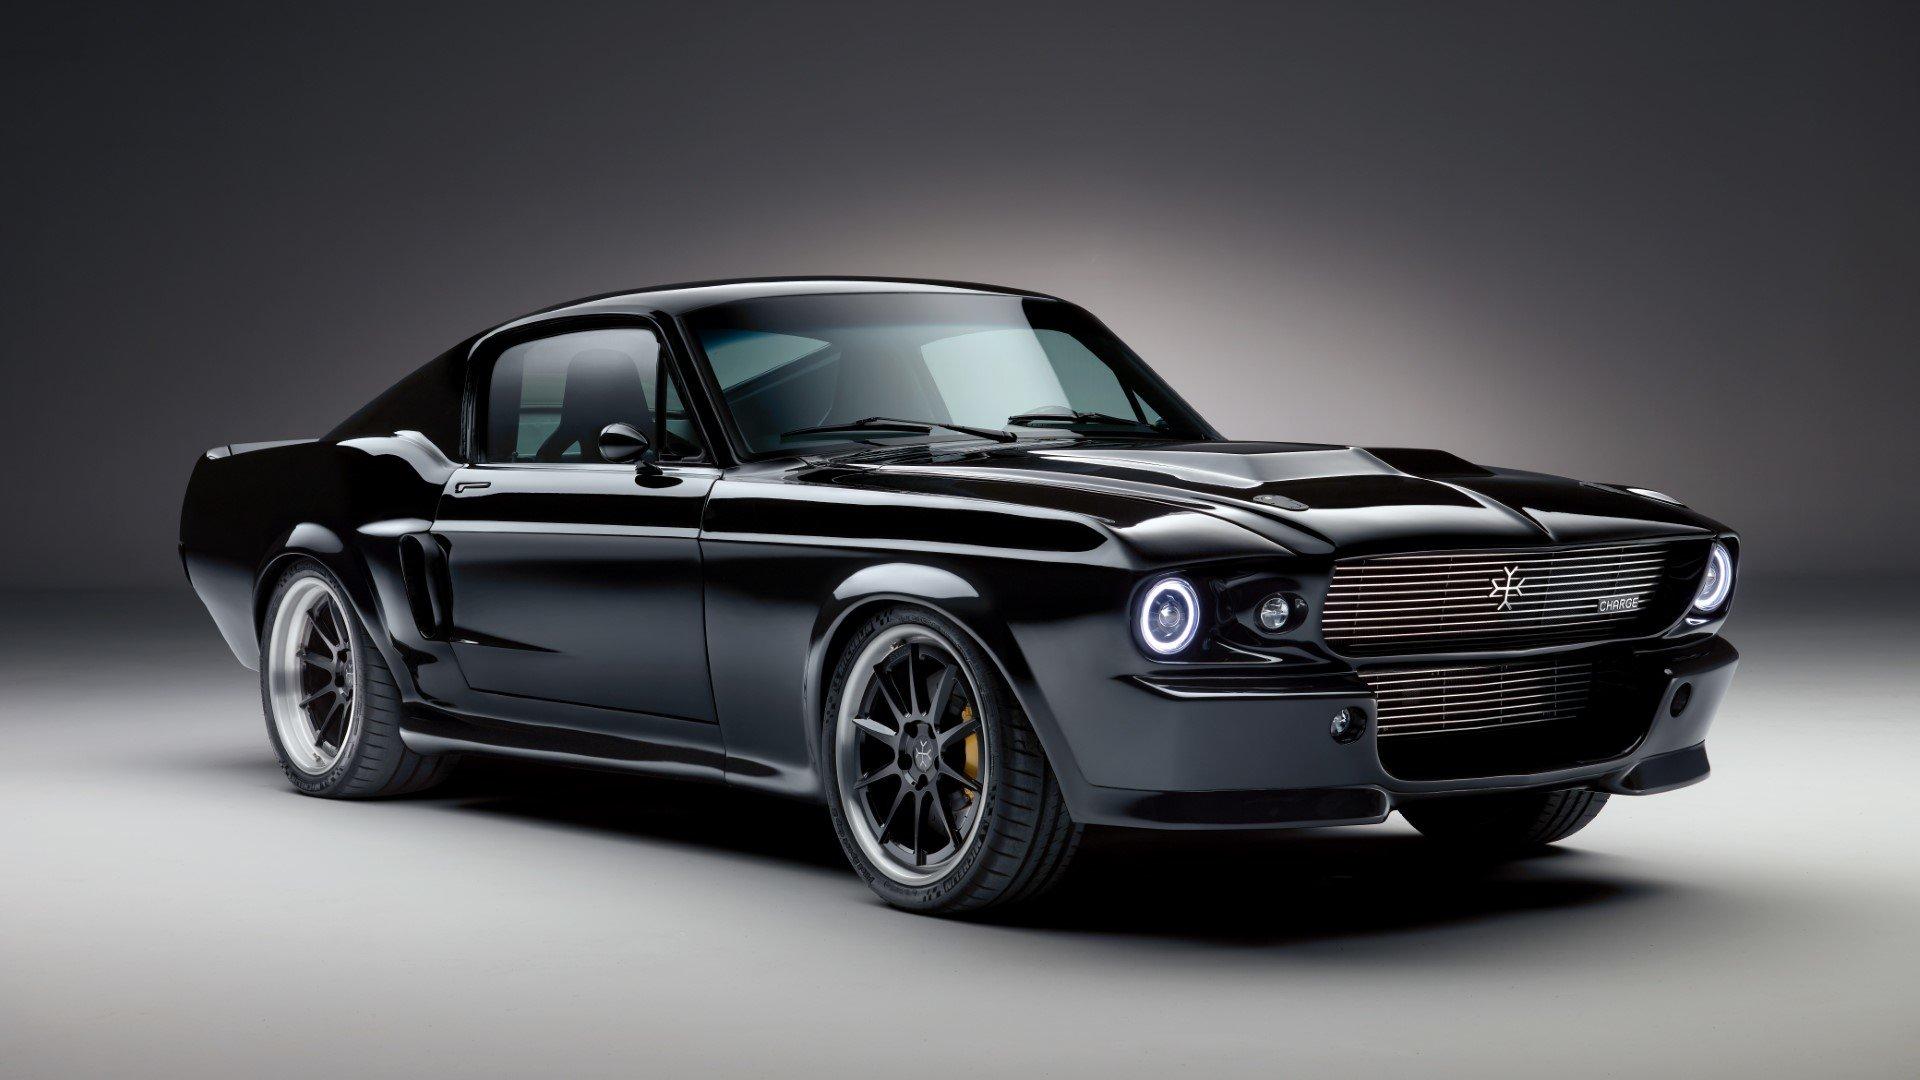 Elektrický Mustang se představí už přístí měsíc. Výkonem určitě zaujme - anotační obrázek